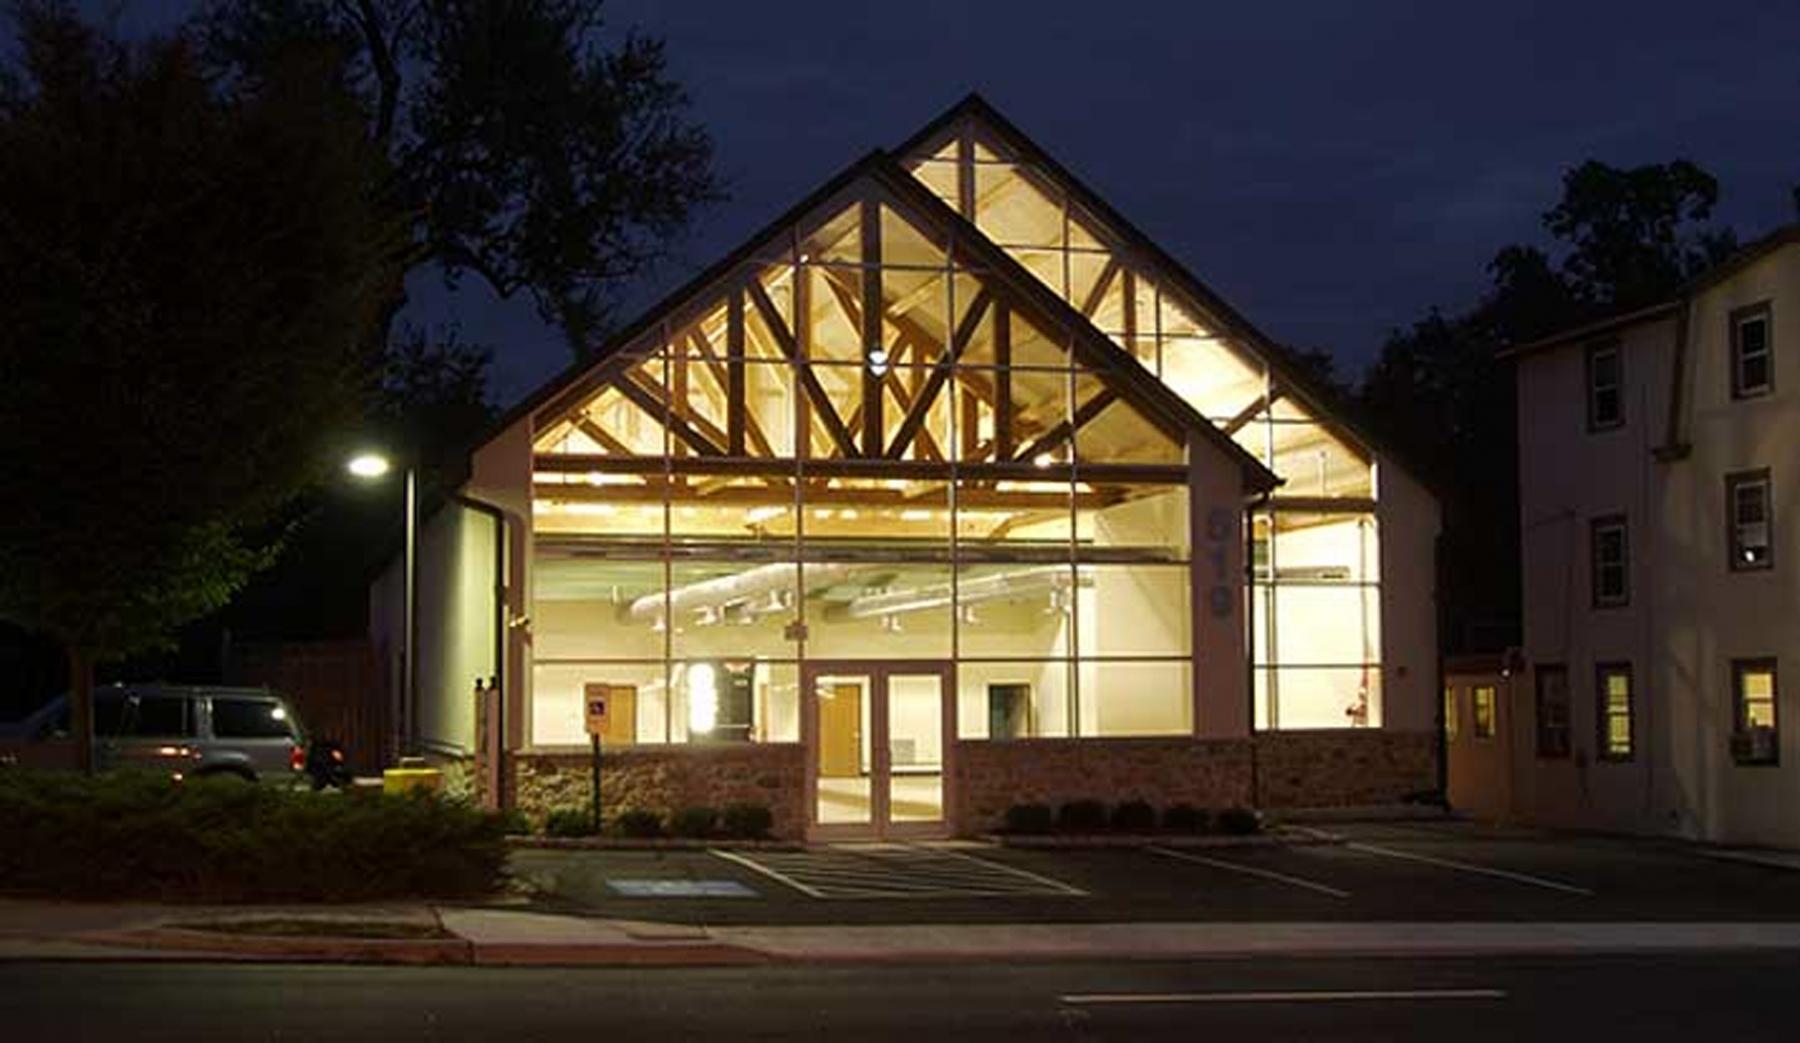 Carrollton HQ, Haverford PA